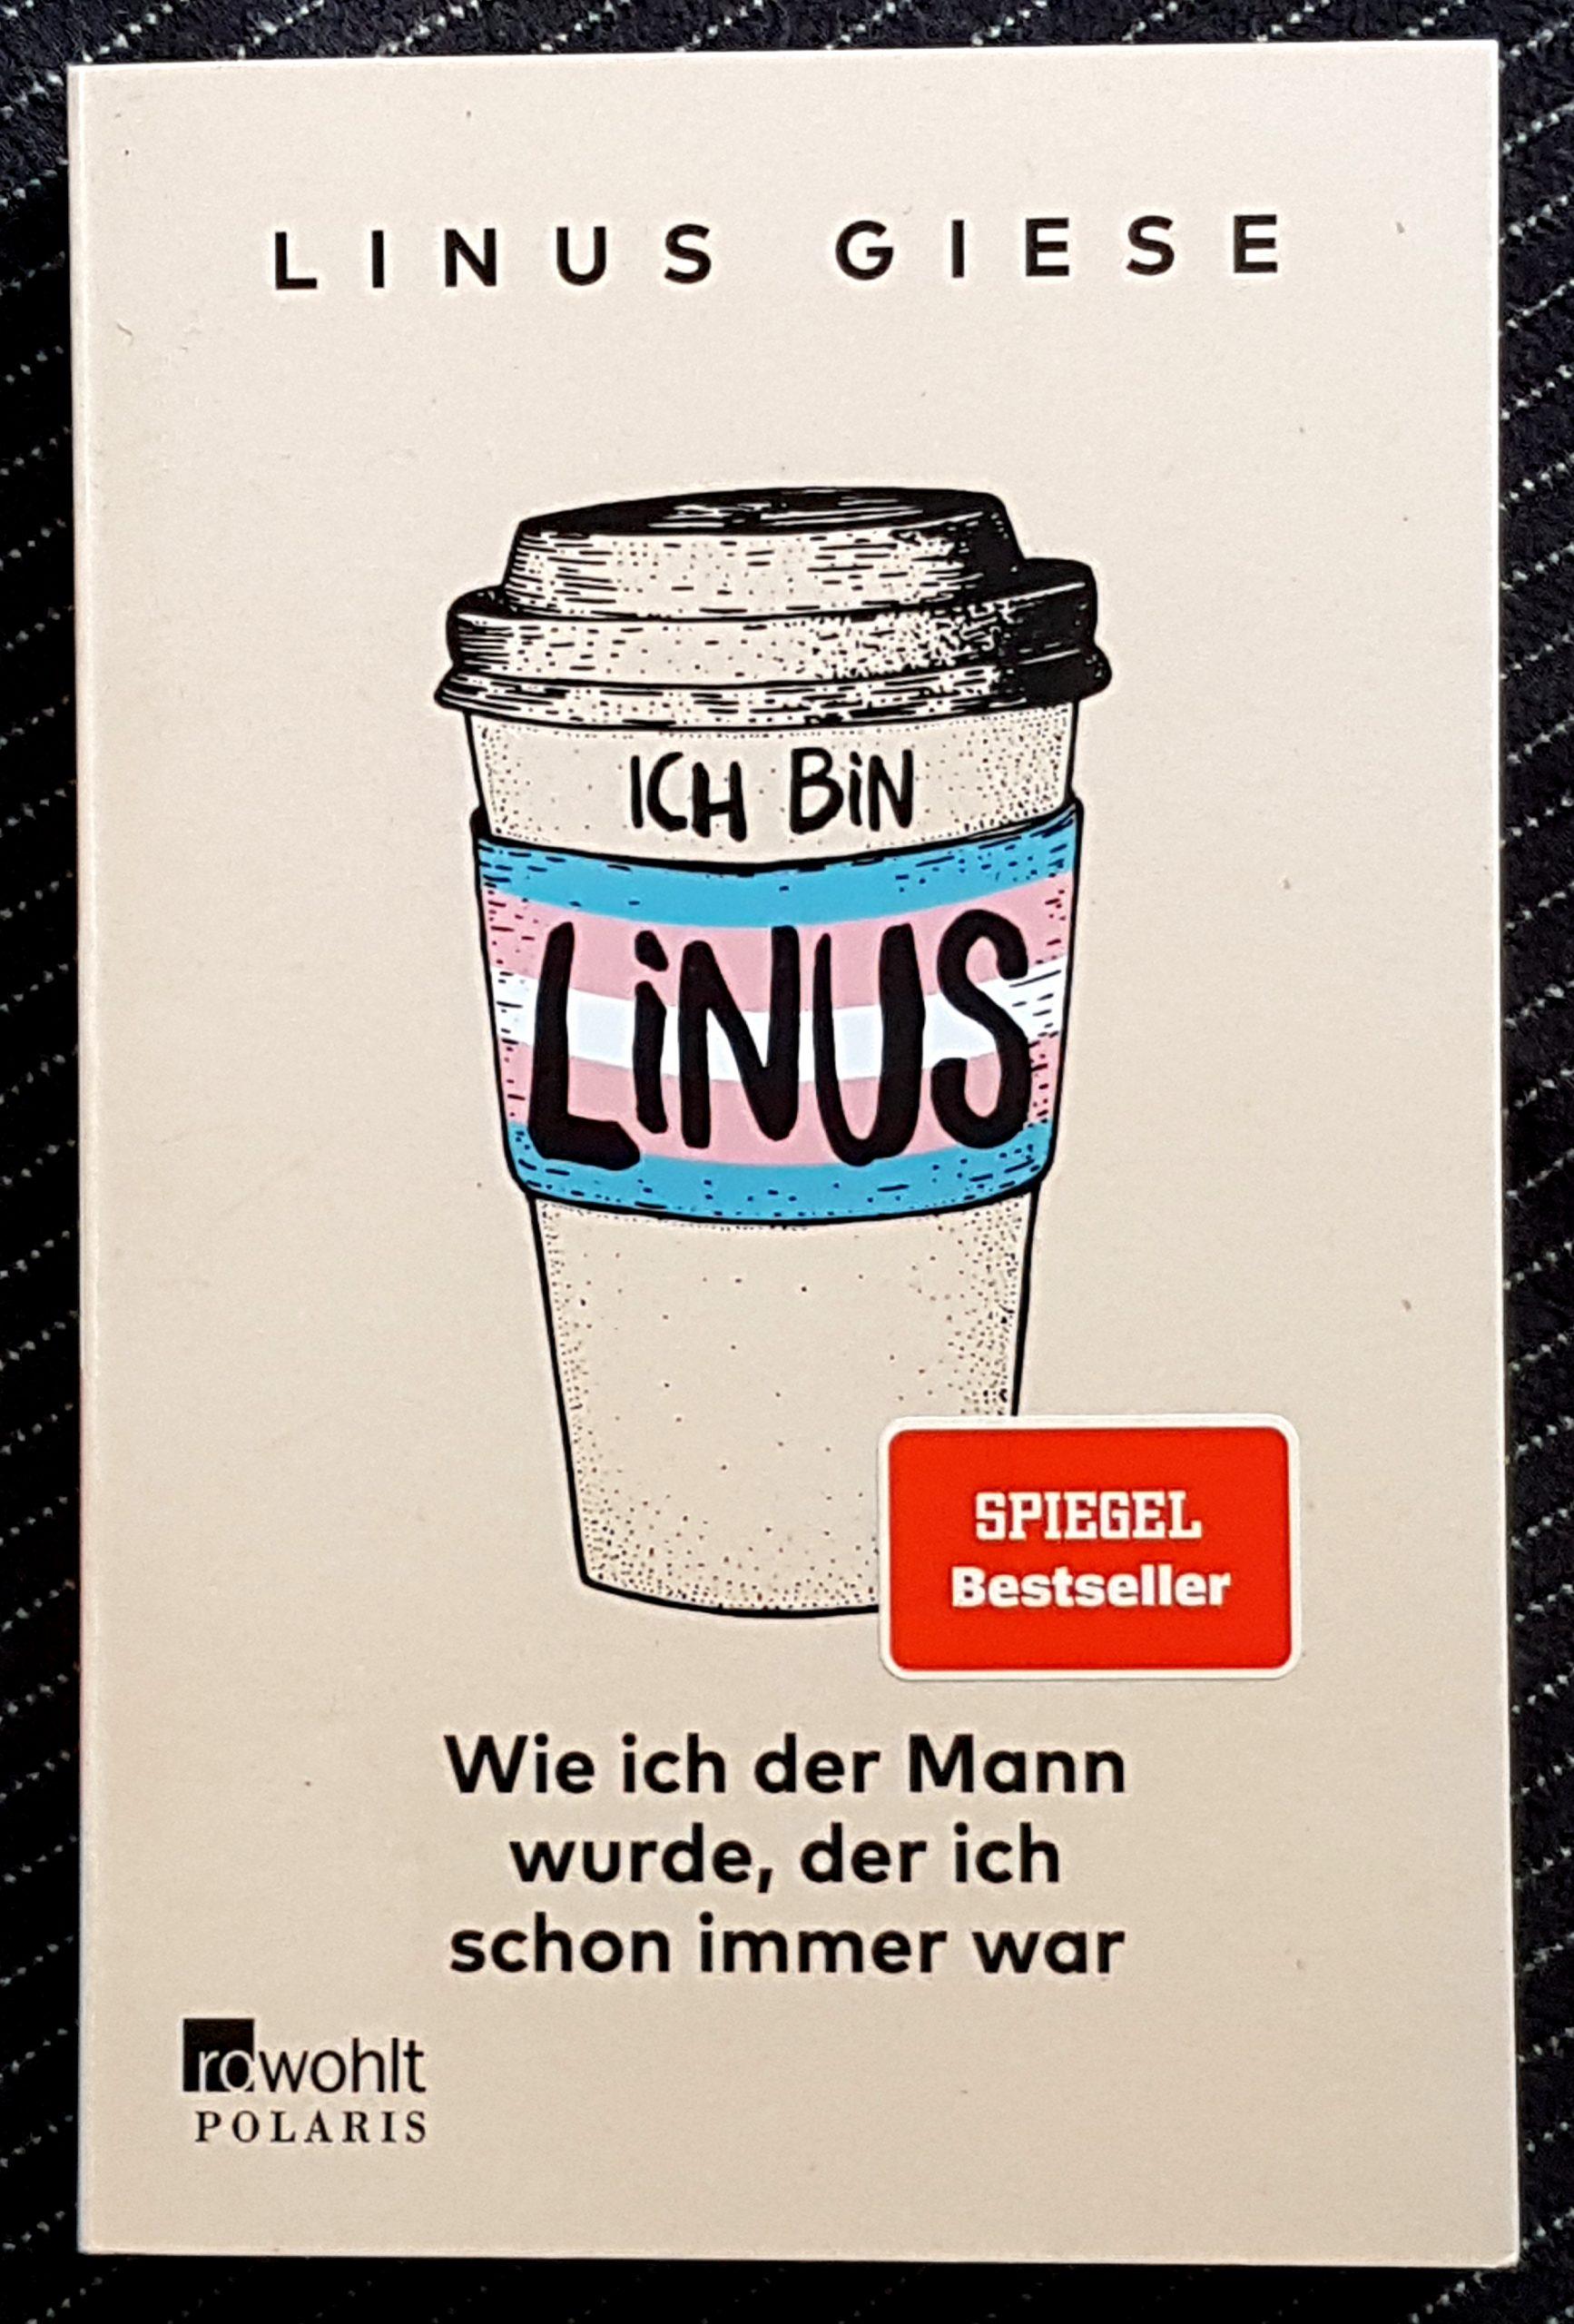 Buchdeckel von »Ich bin Linus - Wie ich der Mann wurde, der ich schon immer war« von Linus Giese. Der Autorenname auf beige-farbenen Grund, darunter ein gezeichneter To-Go-Becher beschriftet mit dem ersten Teil des Titels und der trans Flagge in hellblau-rosa-weiß, darunter der restliche Titel und der Verlag Rowohlt Polaris. Ein roter Aufkleber mit Spiegel Bestseller klebt auf dem Buch.